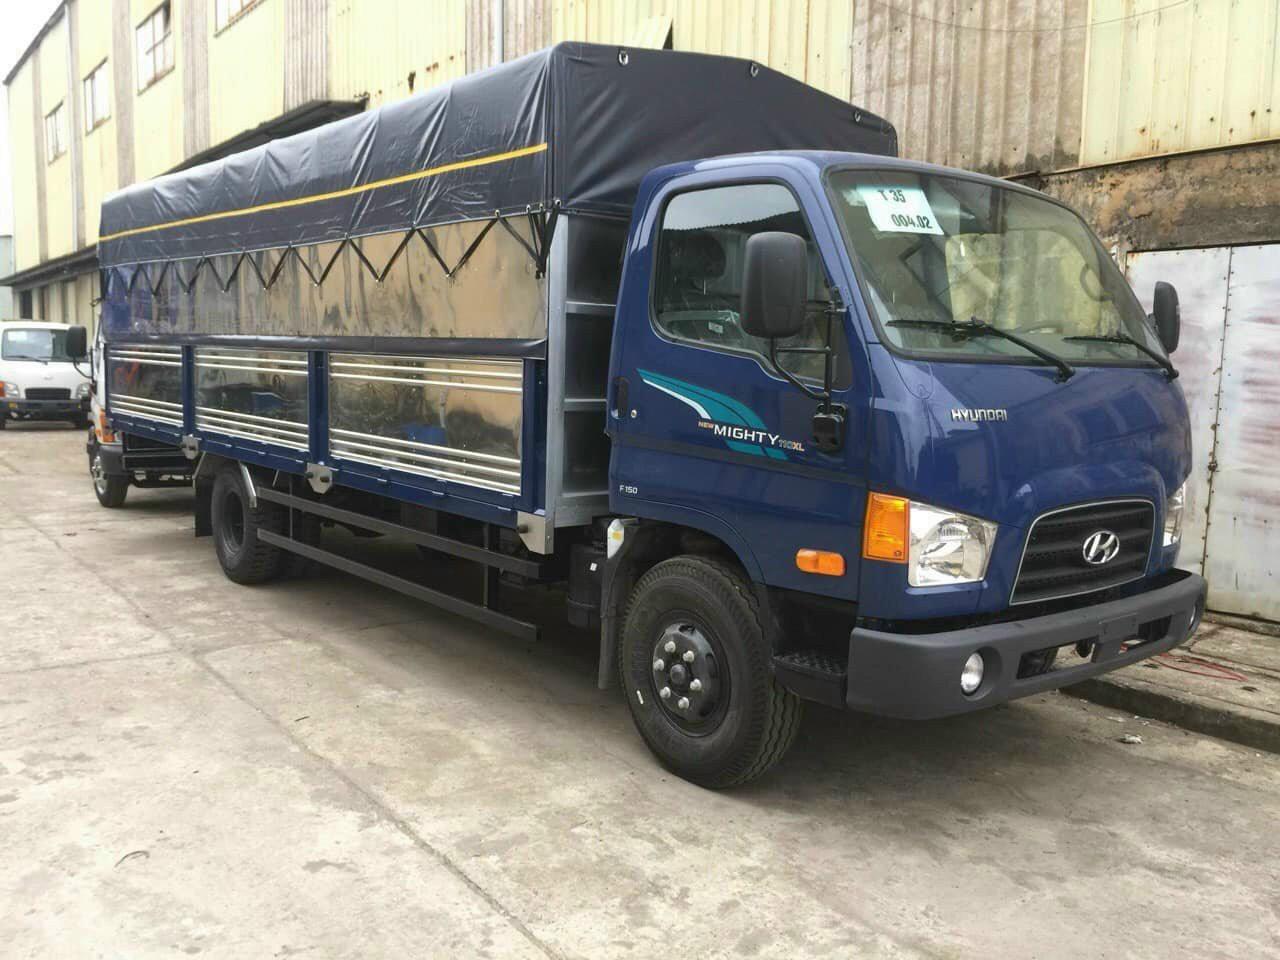 Bán xe tải Hyundai 110XL tại Bắc Giang